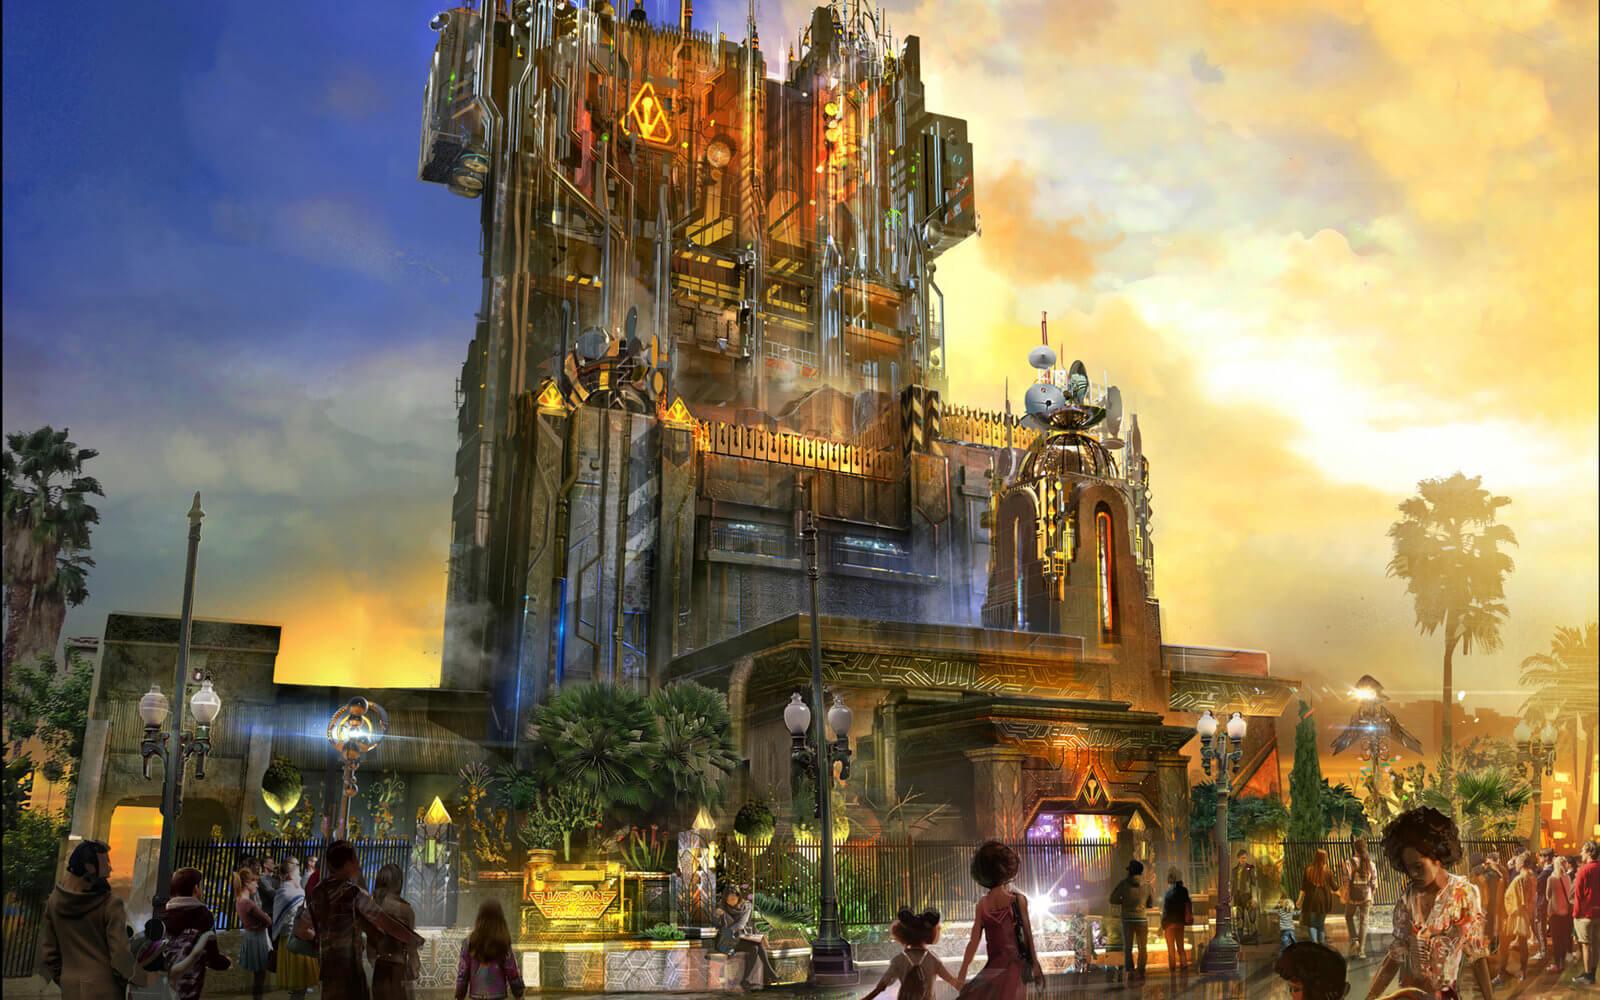 Show dos Guardiões da Galáxia no Disney Epcot: Nova atração de Guardiões da Galáxia